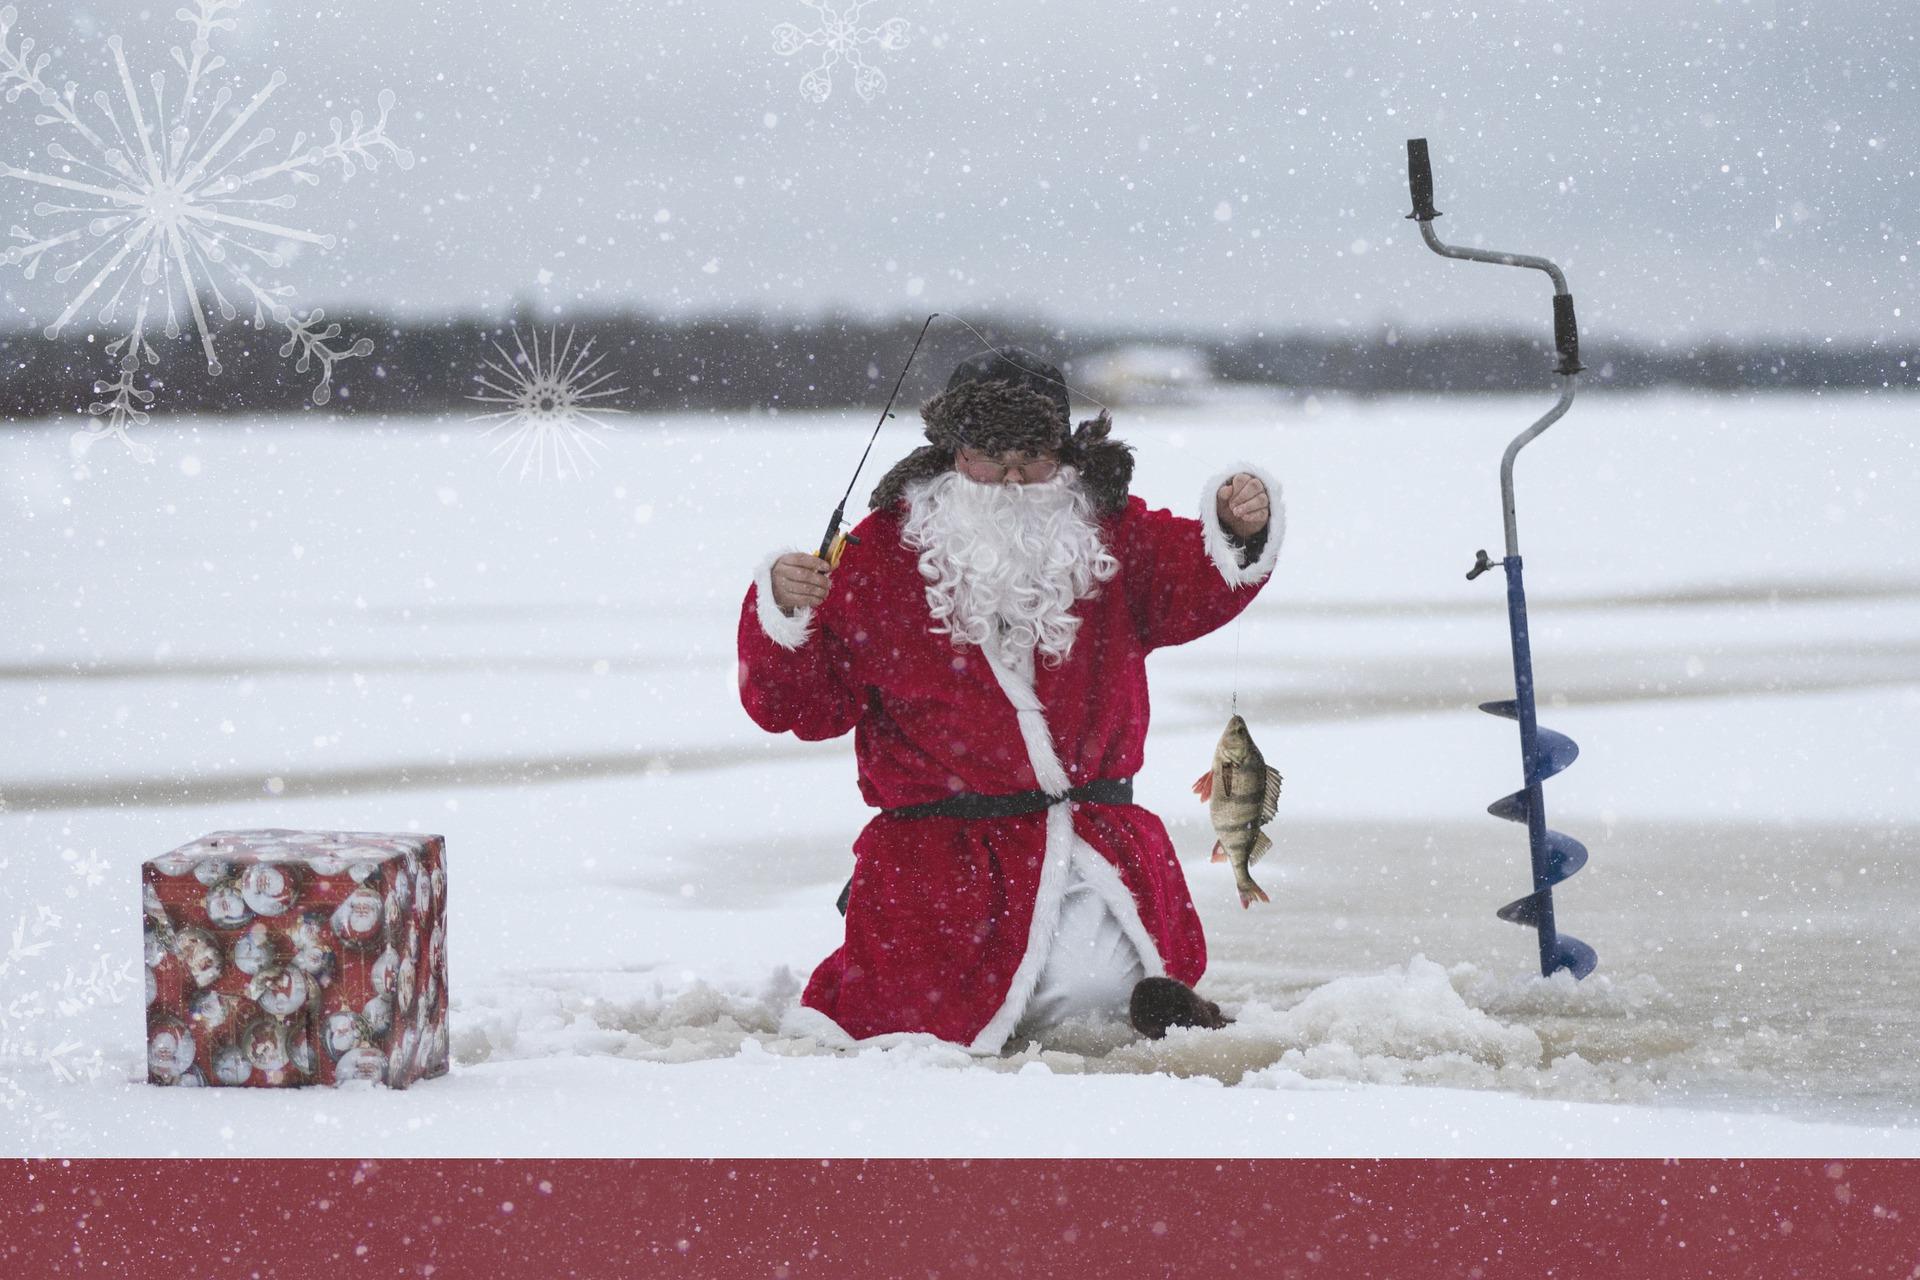 סנטה קלאוס דג בקרח 🖼️ mikkooja1977